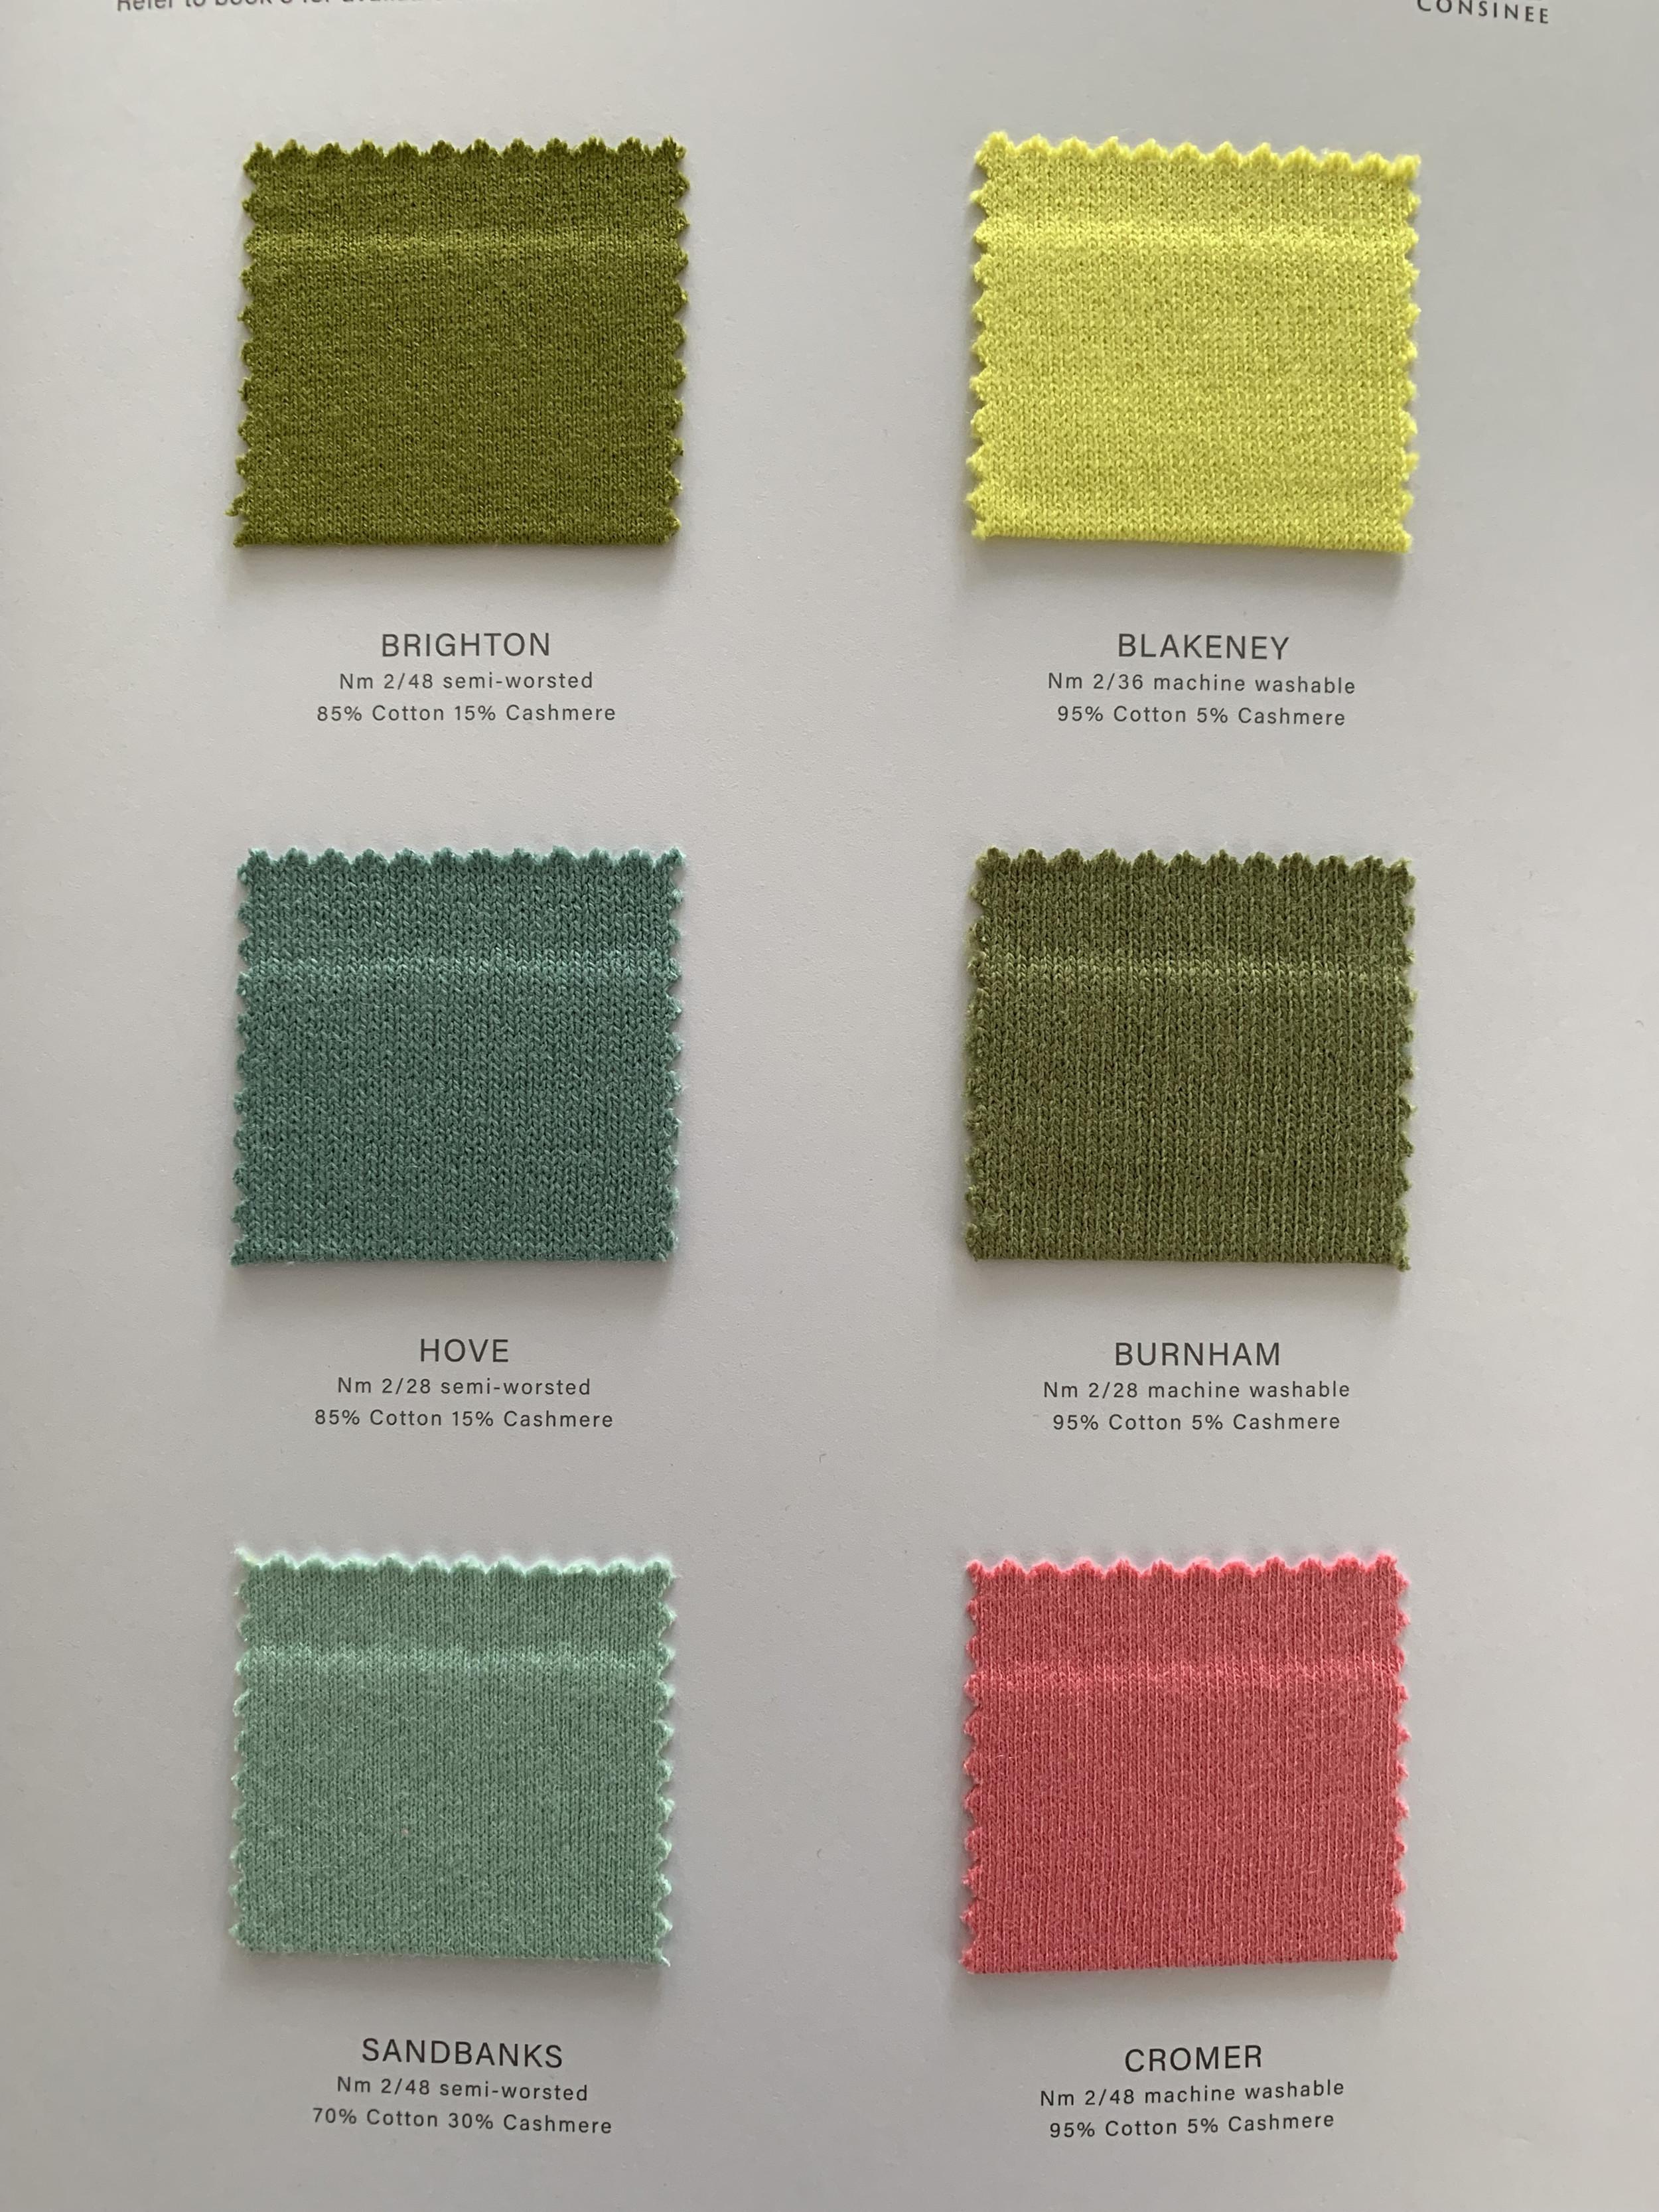 Cartes de couleurs de mélange de cachemire printanier Ewsca avec tous les matériaux